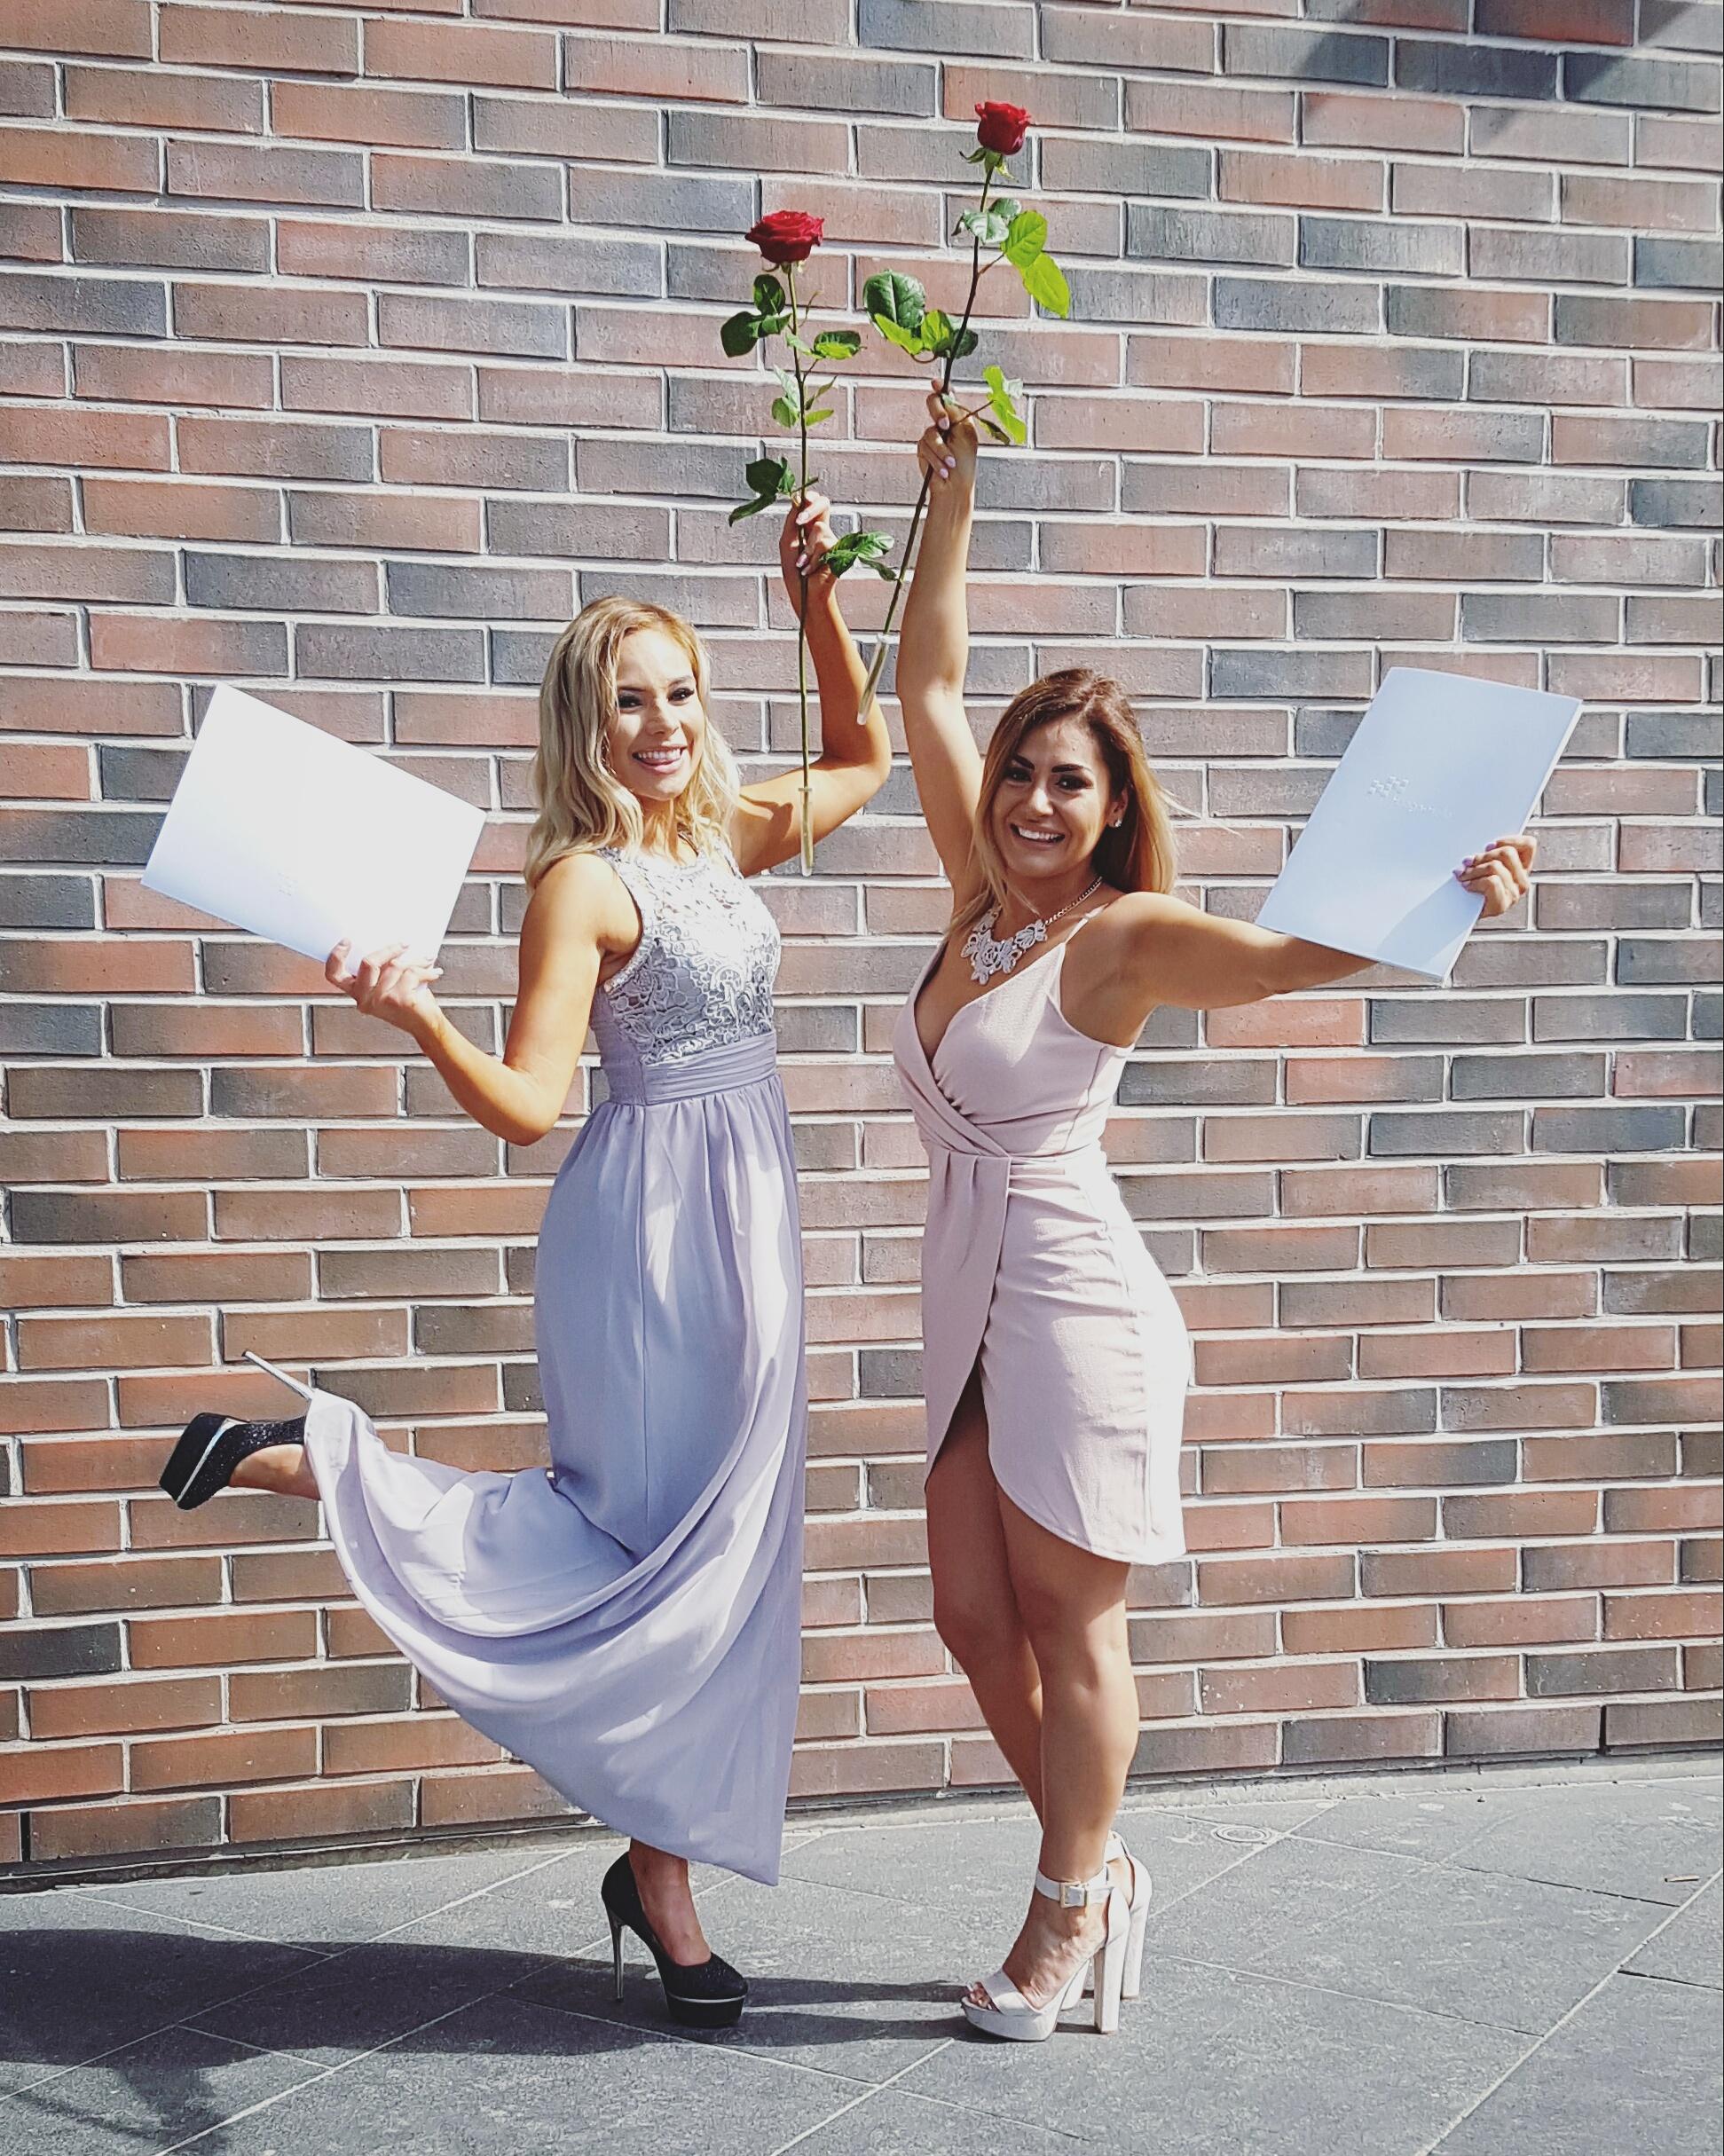 Myös ystäväni Mariela valmistui samassa Haaga-Helian valmistujaistilaisuudessa, mutta eri alalta.